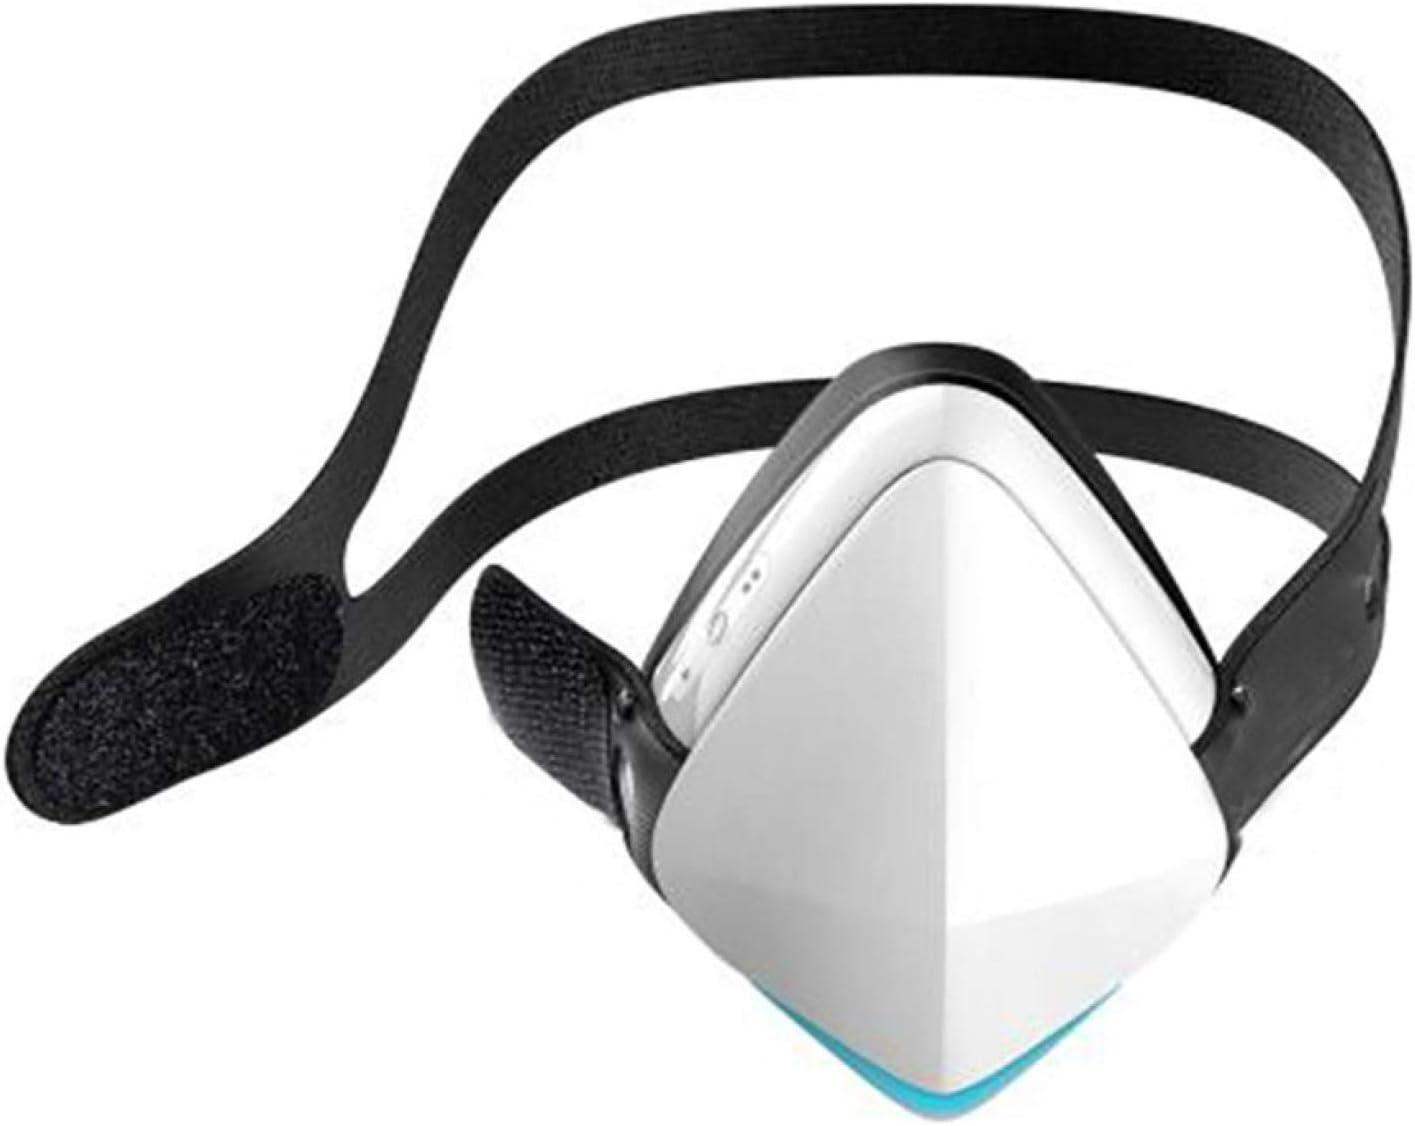 Elektrisch Erwachsene Schal Turban im Freien reiten Mit abnehmbarem Augenschutz 5-lagige zum Schutz vor Wind A